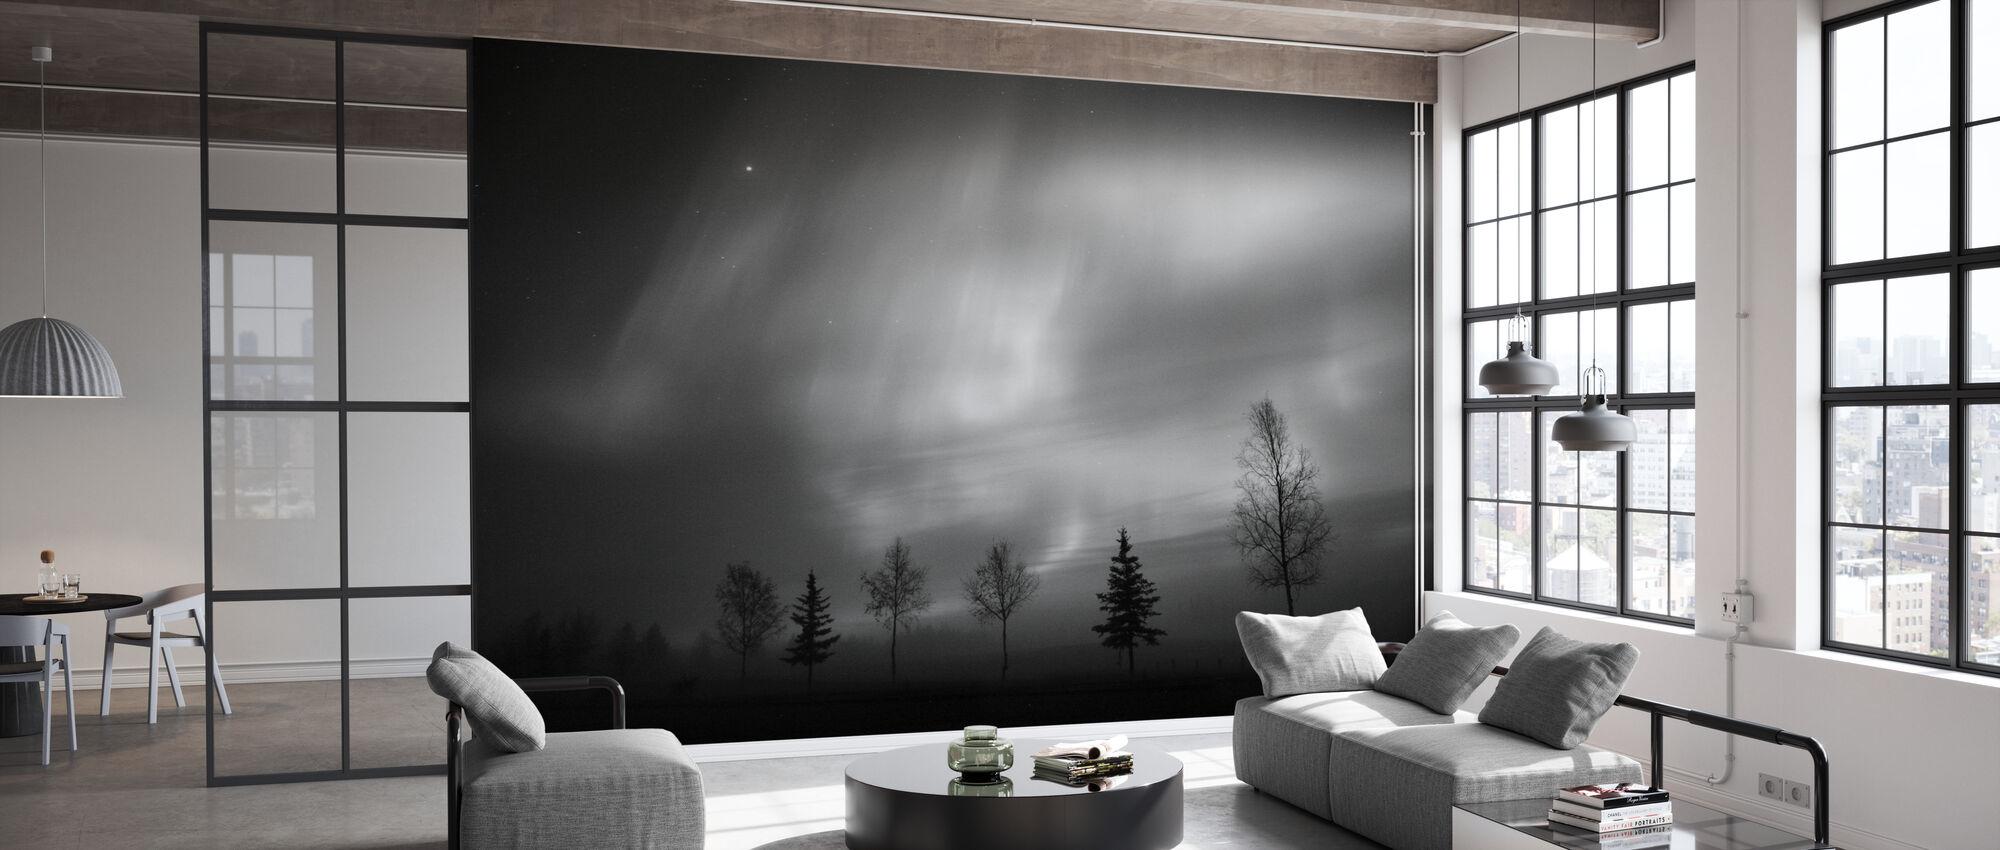 Nordic Lichten - Behang - Kantoor